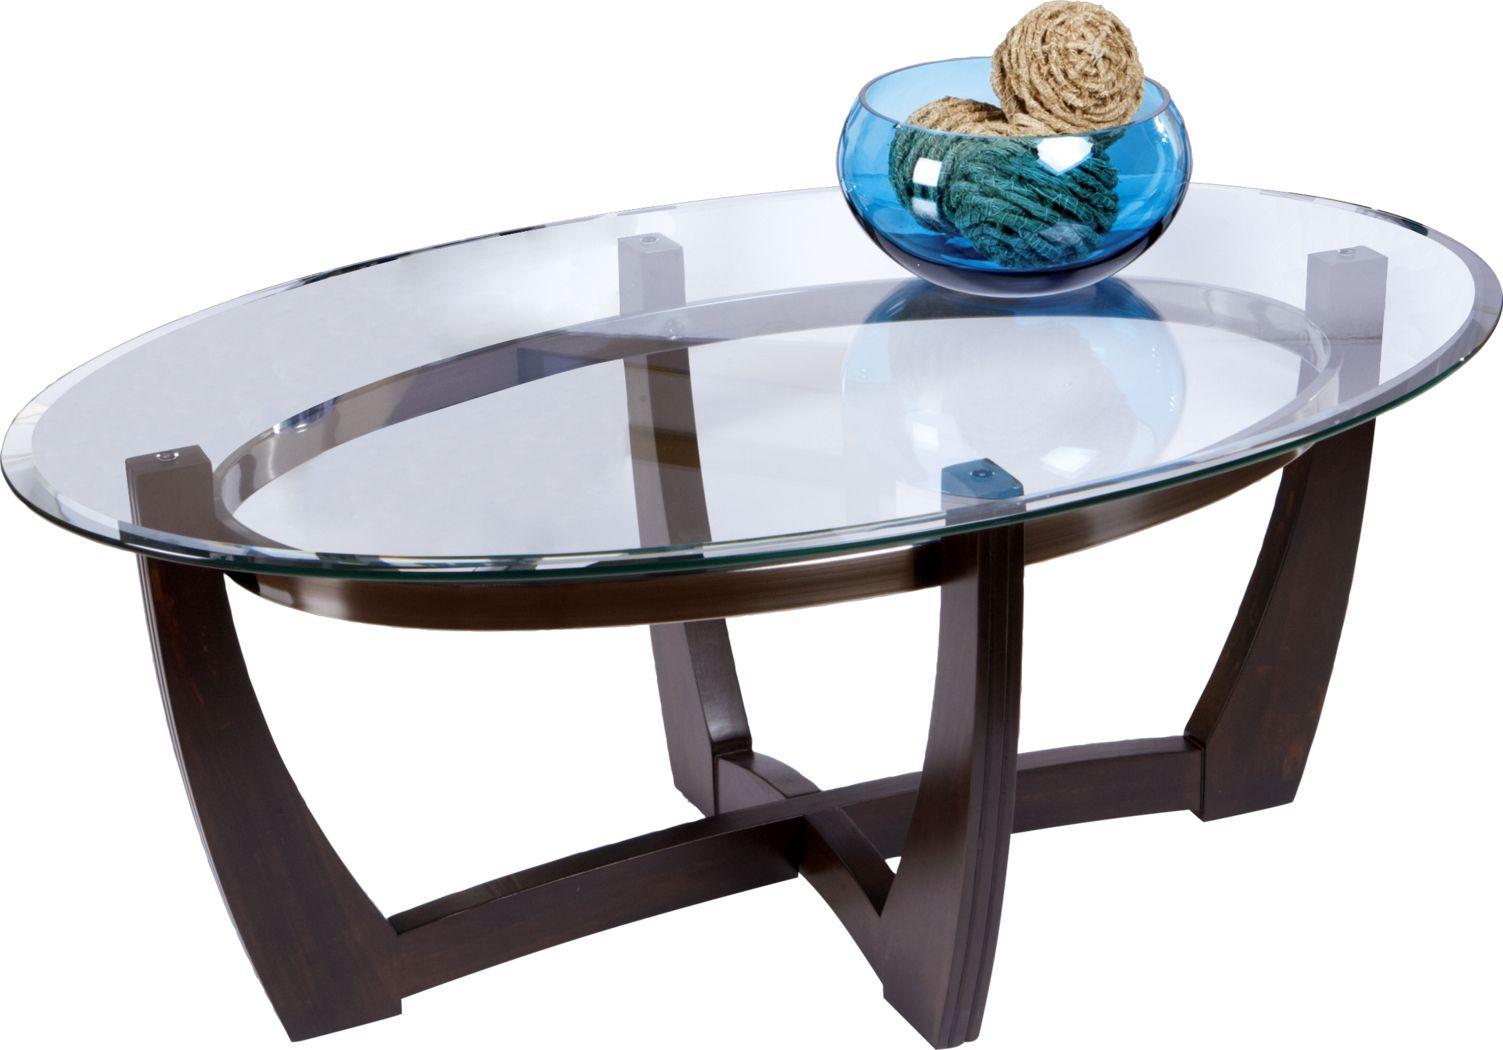 Haverhill Walnut Cocktail Table In 2021 Dark Wood Coffee Table Coffee Table Wood Glass Top Coffee Table [ 1050 x 1503 Pixel ]